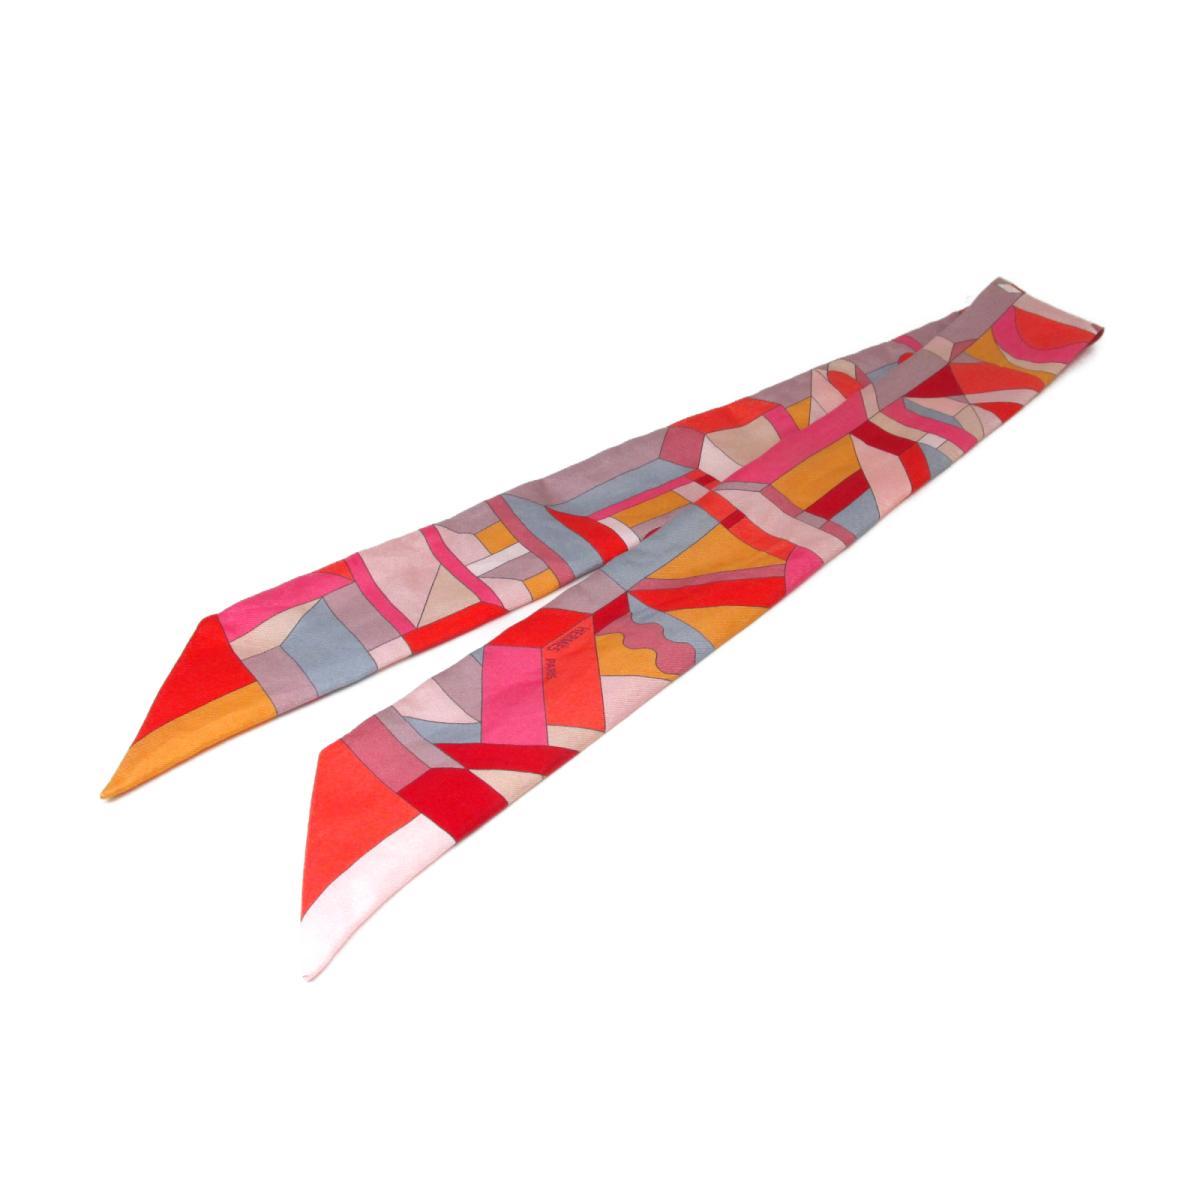 【中古】エルメス トゥイリー スカーフ 衣料品 レディース シルク オレンジ×ピンク